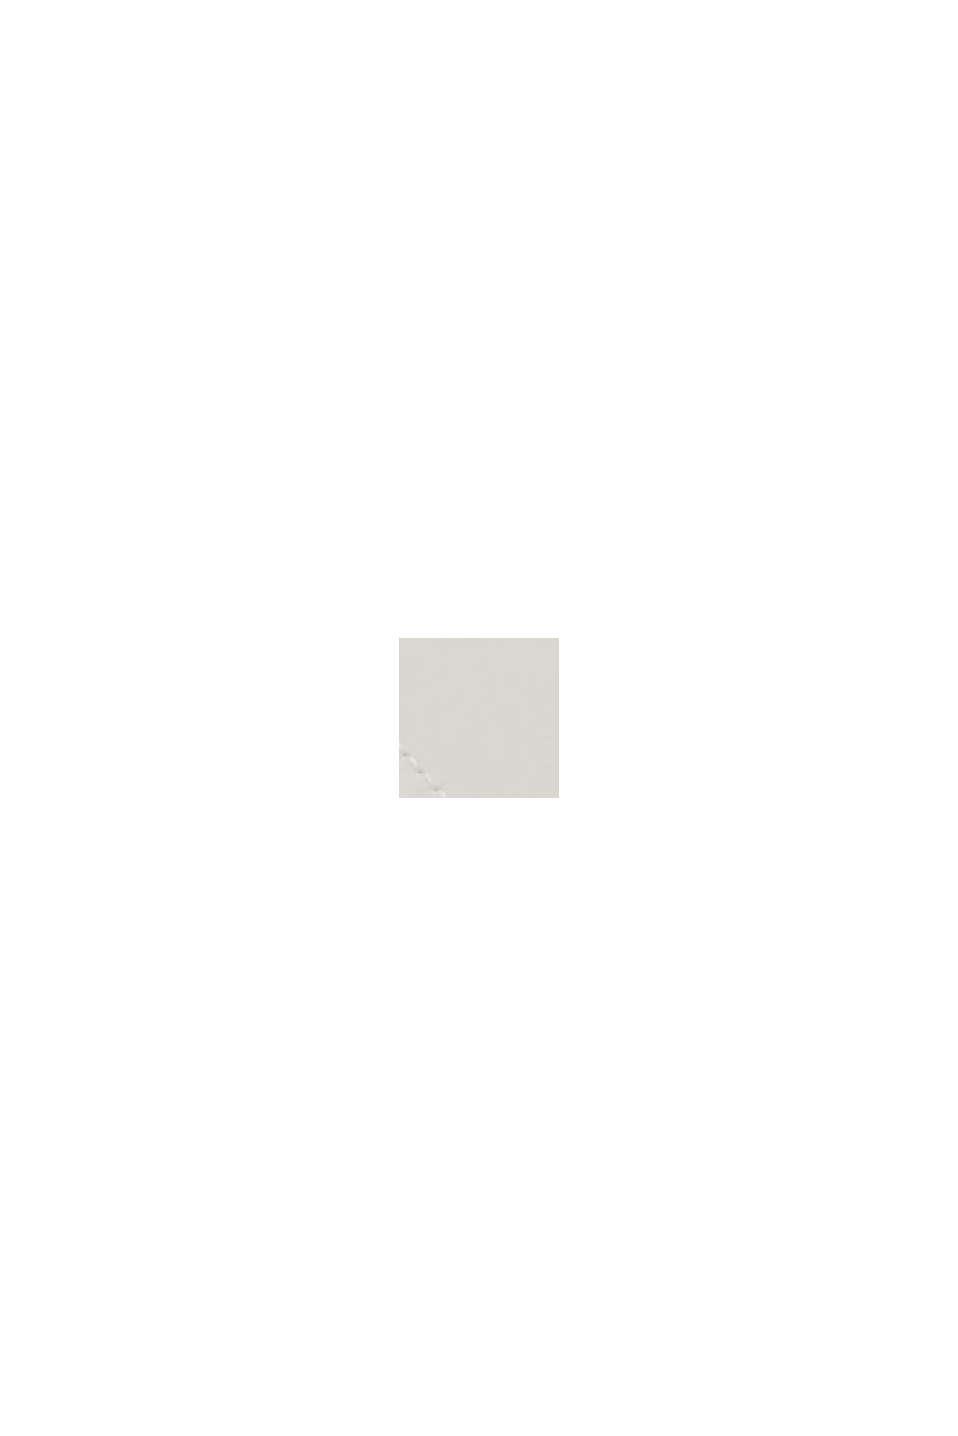 Toujours en action: sneakers à imprimé logo, WHITE, swatch